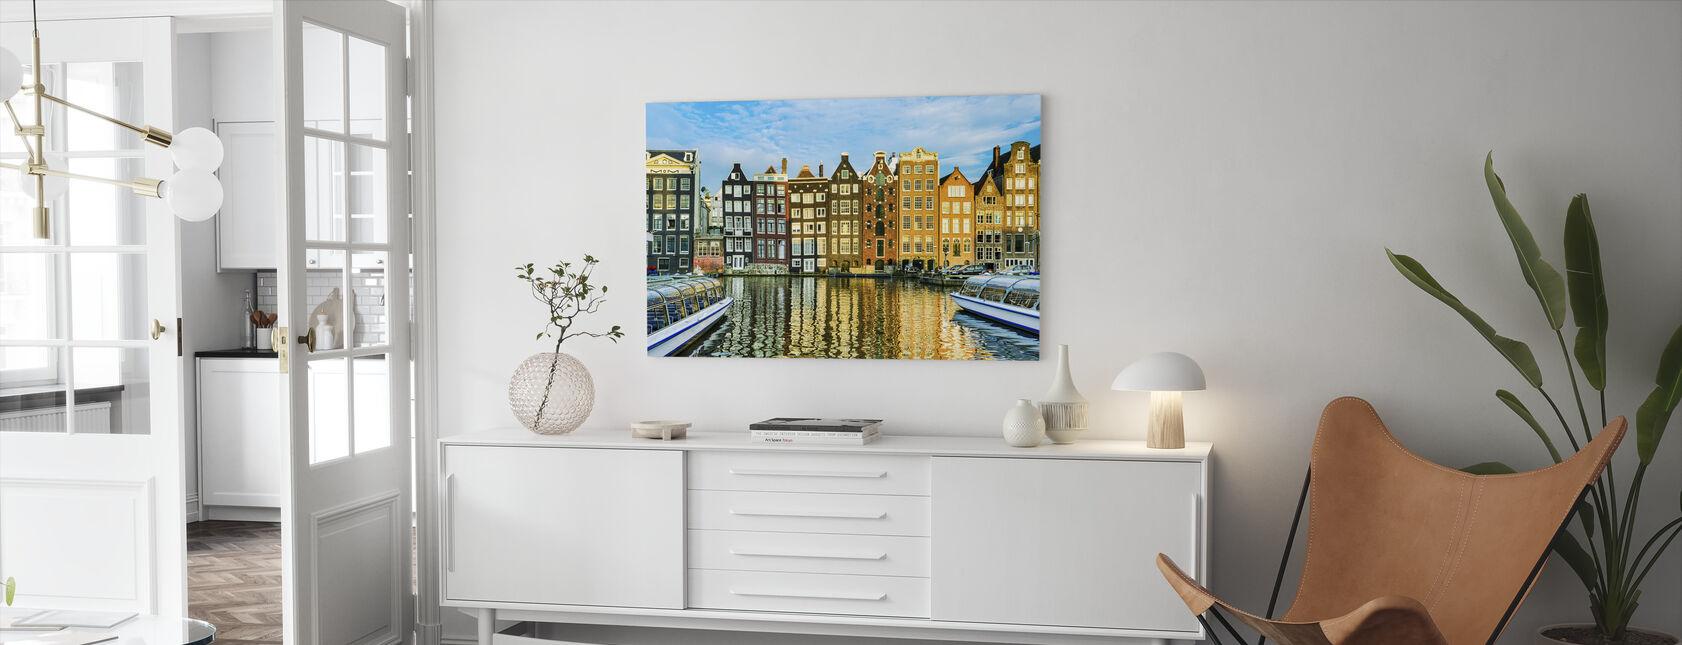 Traditionele Huizen van Amsterdam, Nederland - Canvas print - Woonkamer